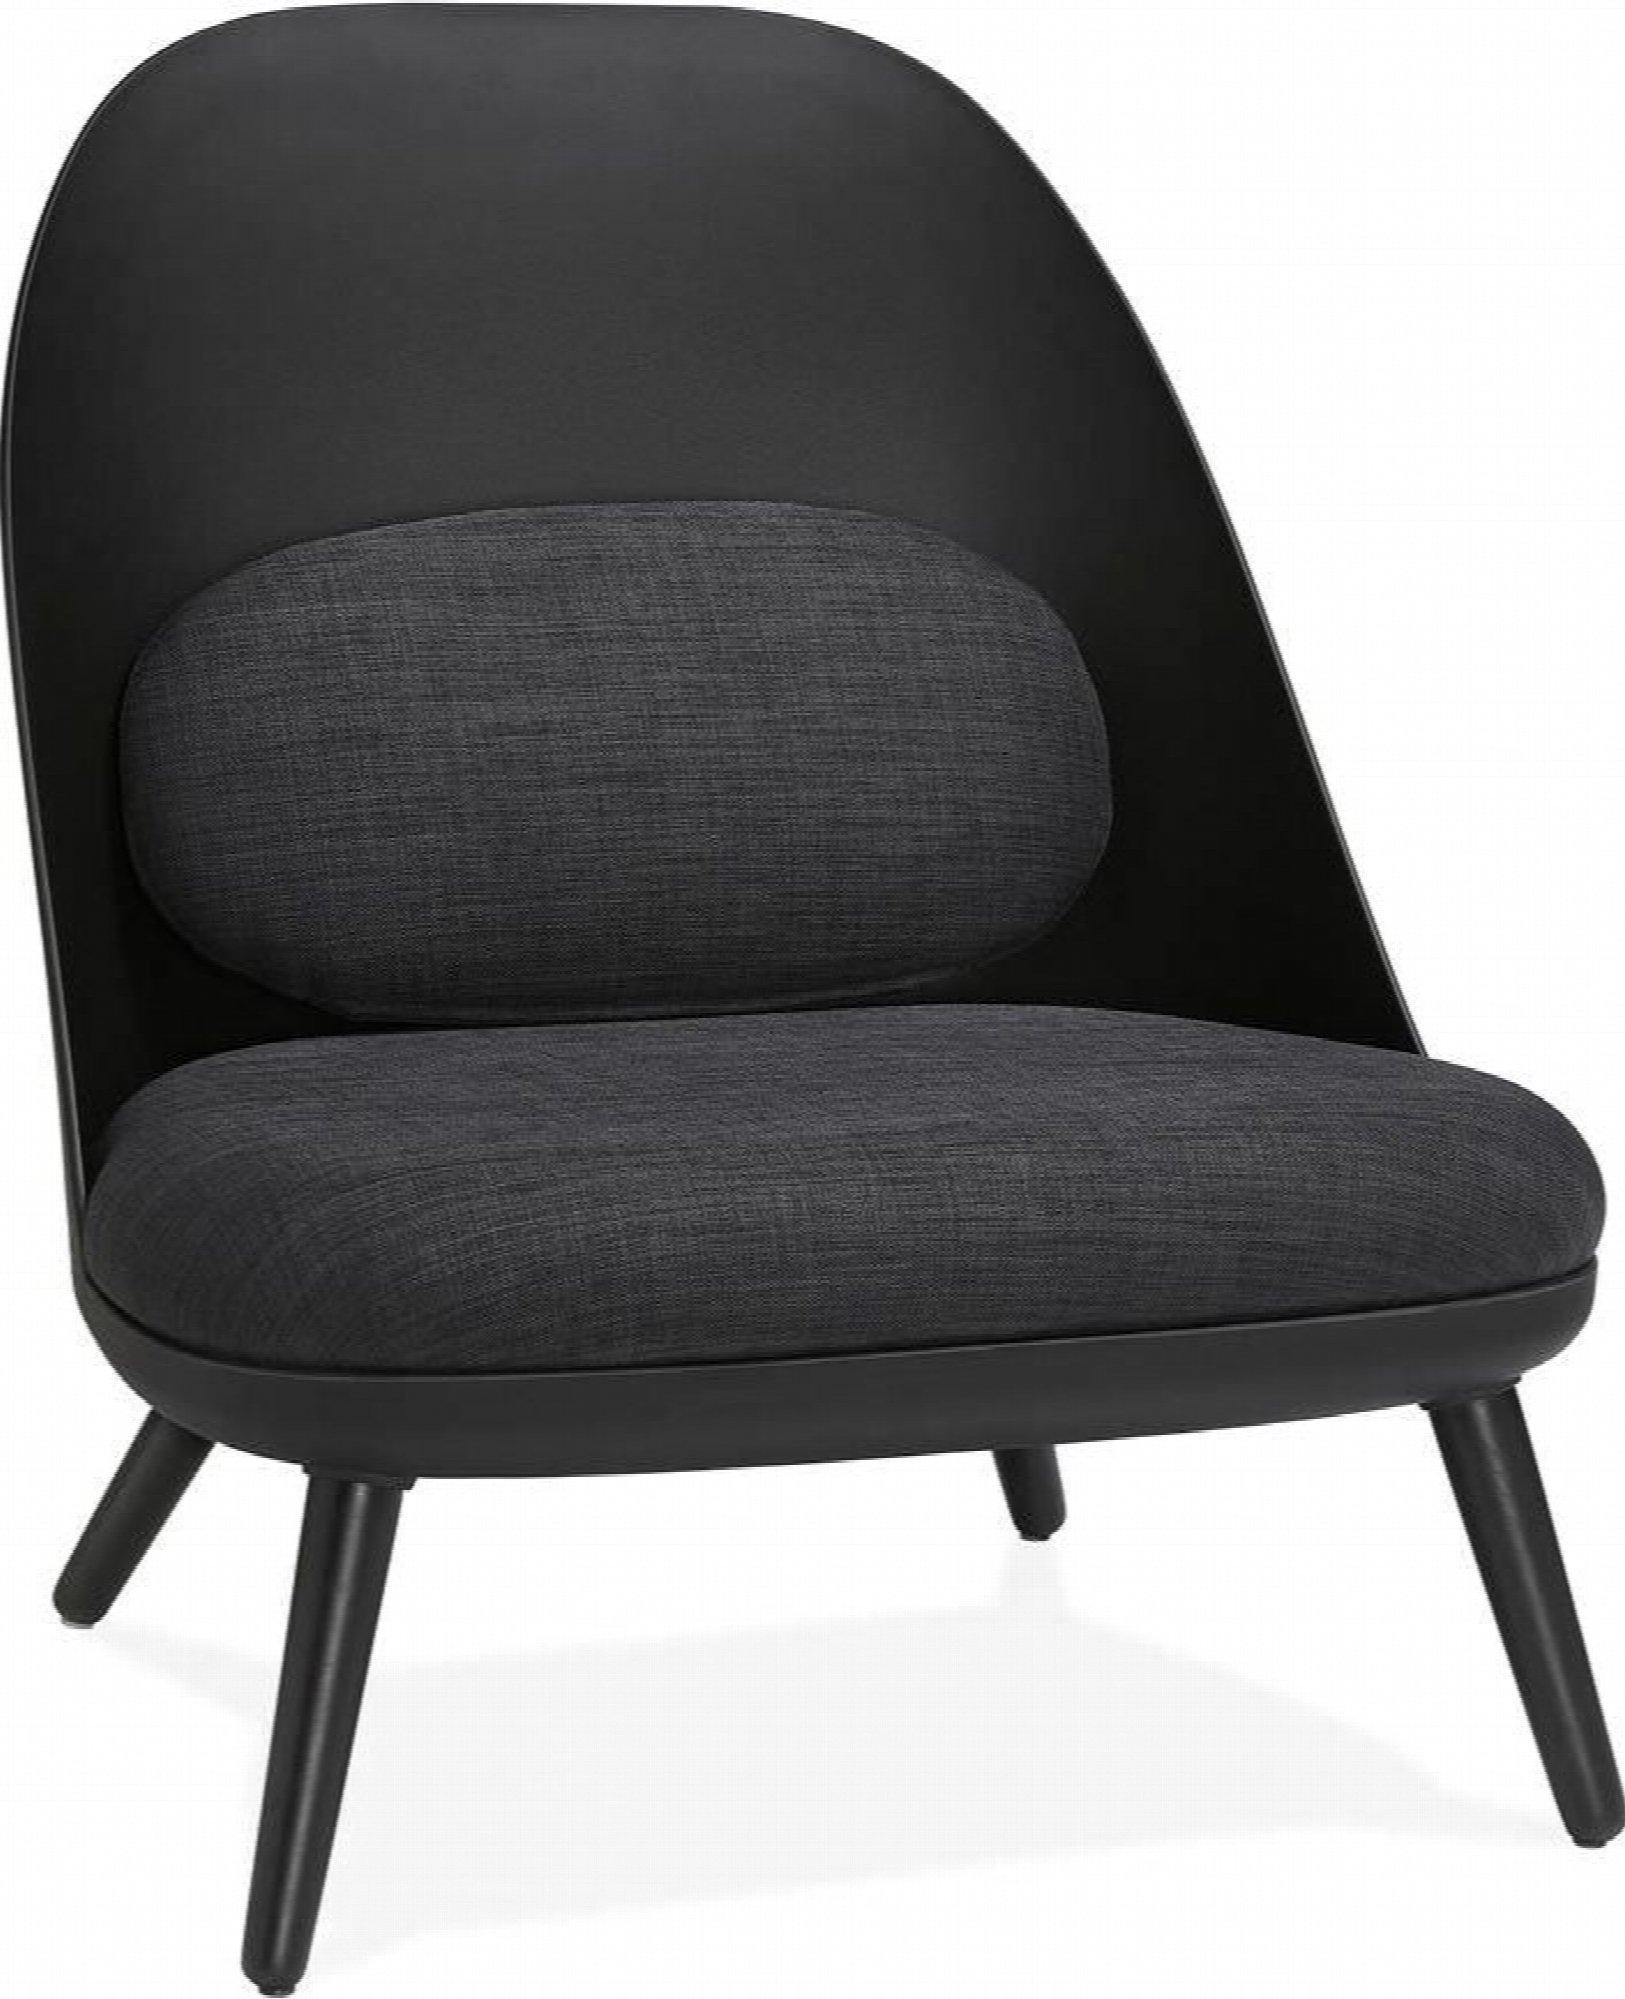 Fauteuil design scandinave large rembourré noir